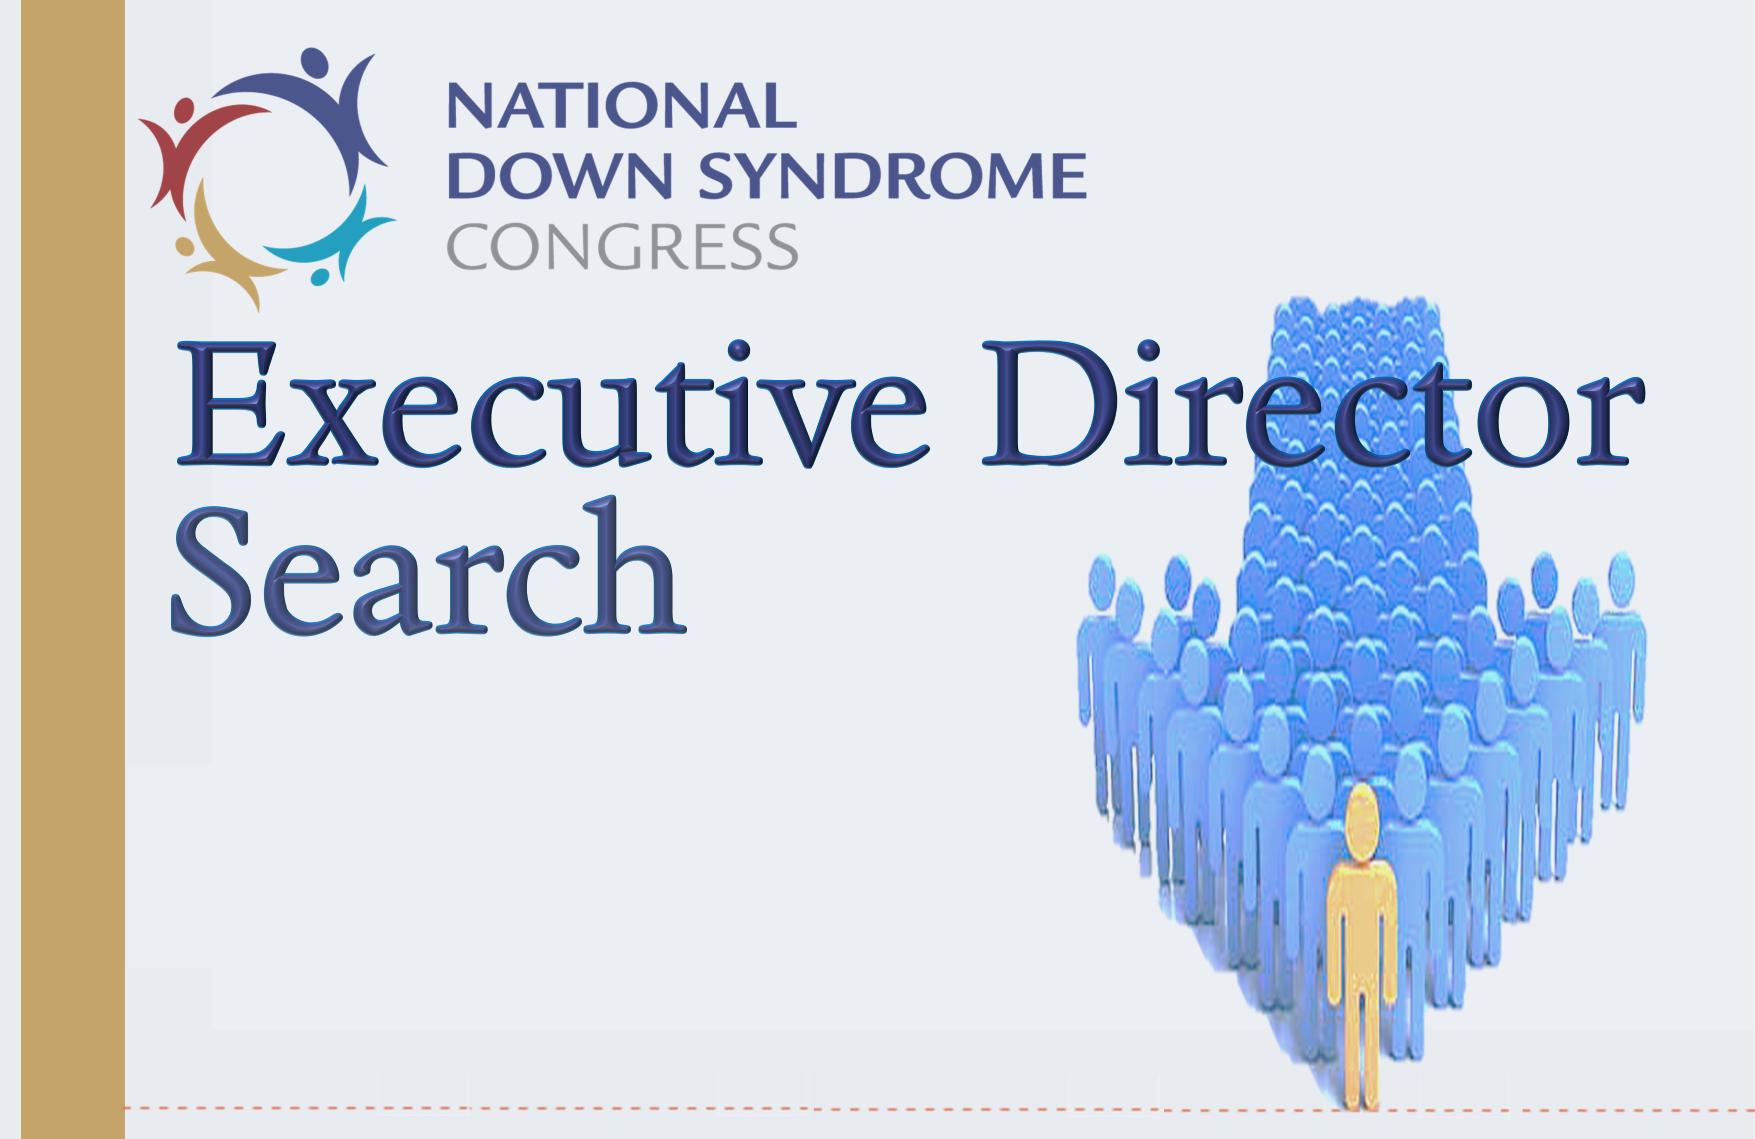 Executive Director Search horiz